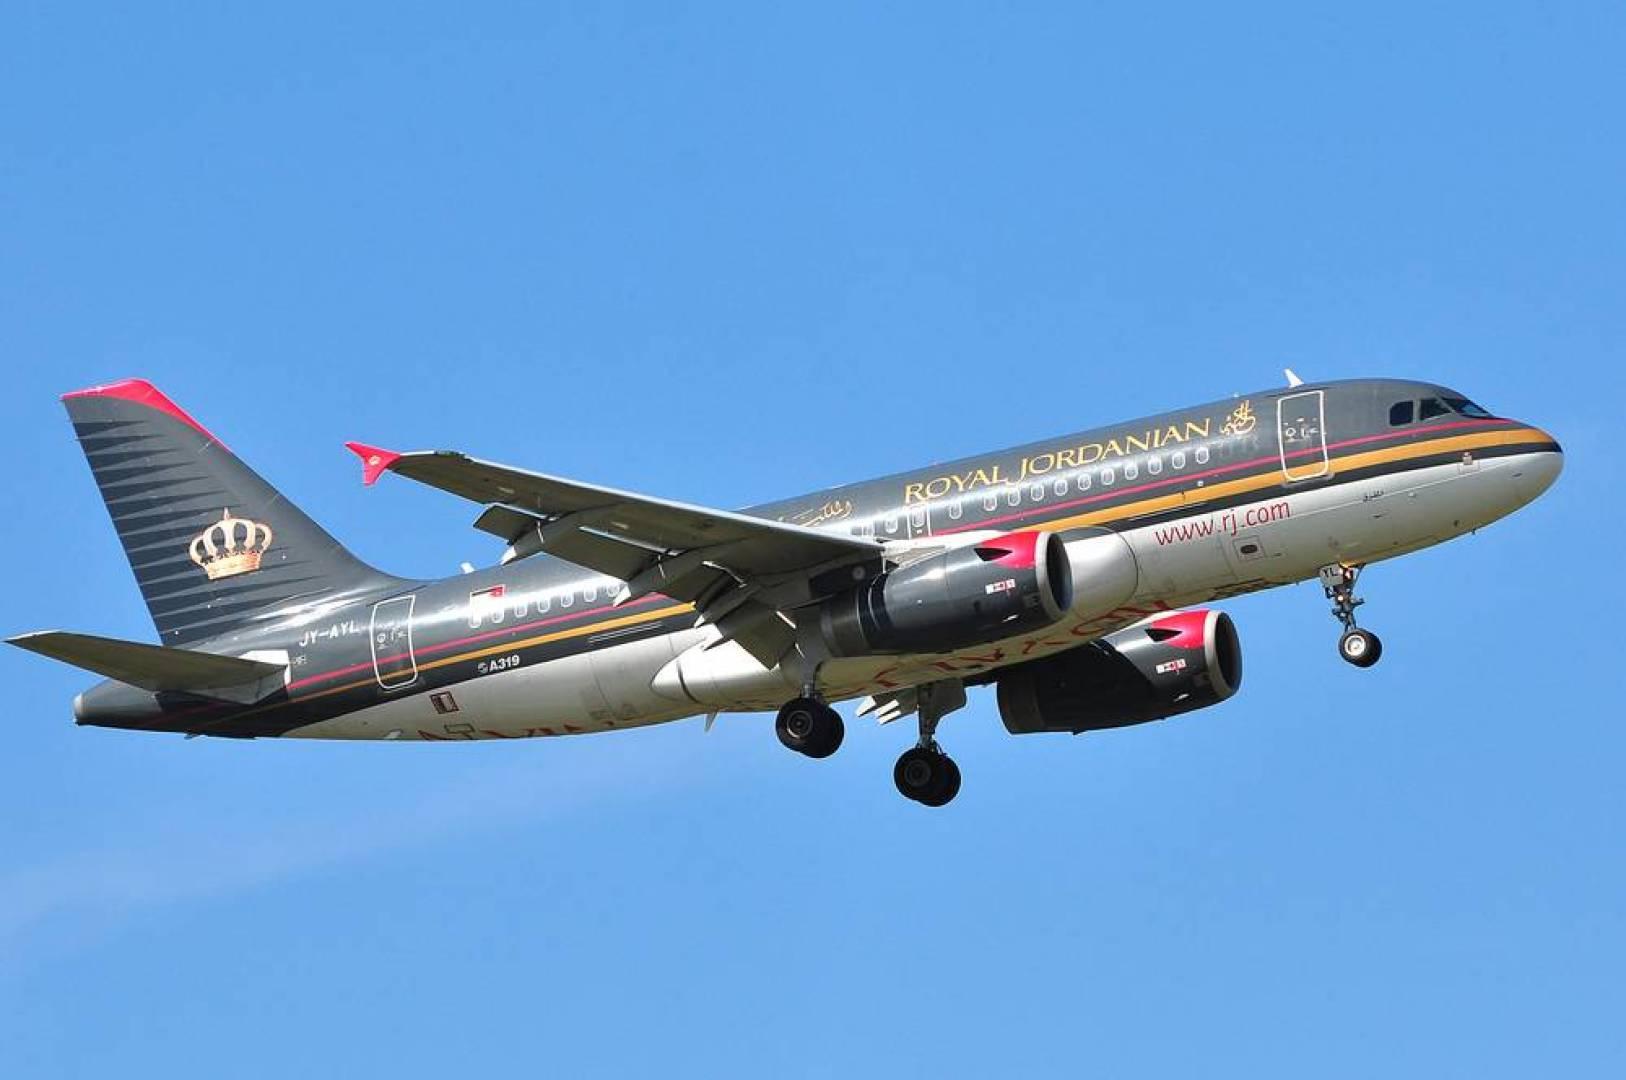 الخطوط الجوية الأردنية تستأنف رحلاتها السبت إلى 5 دول